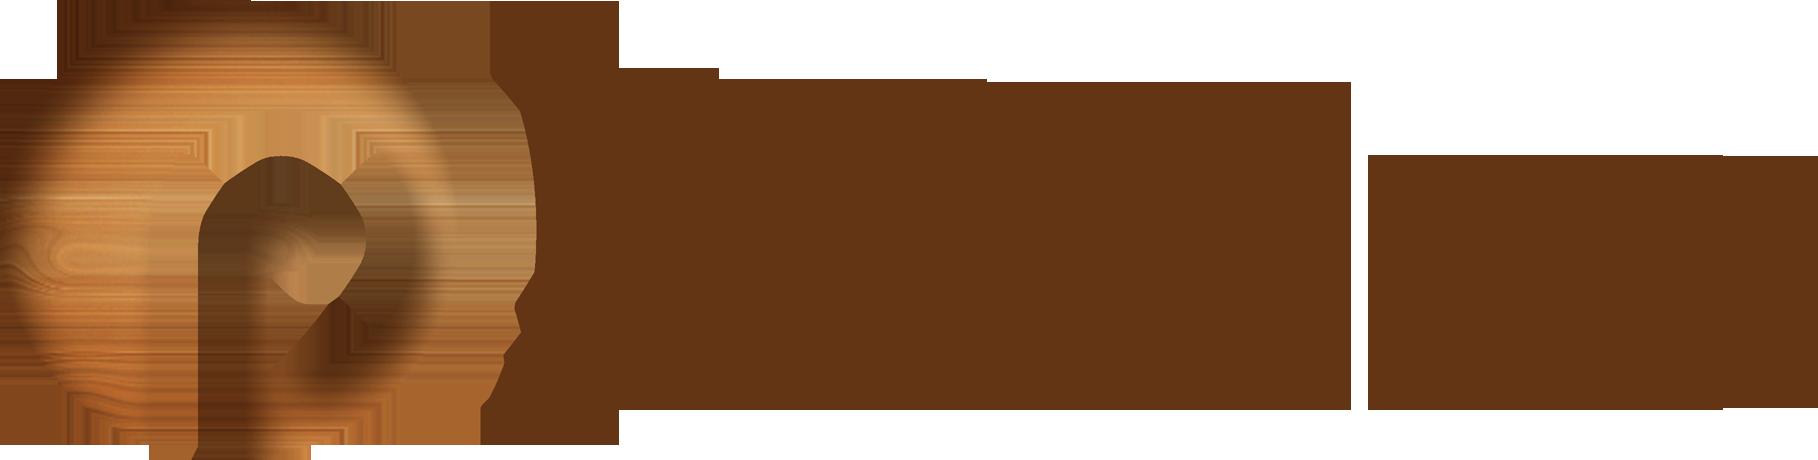 Pointner Rundholz GmbH aus Burgkirchen in OÖ | Spielgeräte, Gartenmöbel, Carports, Sichtschutz, Zäune, Terrassen, Sonderanfertigungen und vieles mehr aus Burgkirchen im Bezirk Braunau am Inn